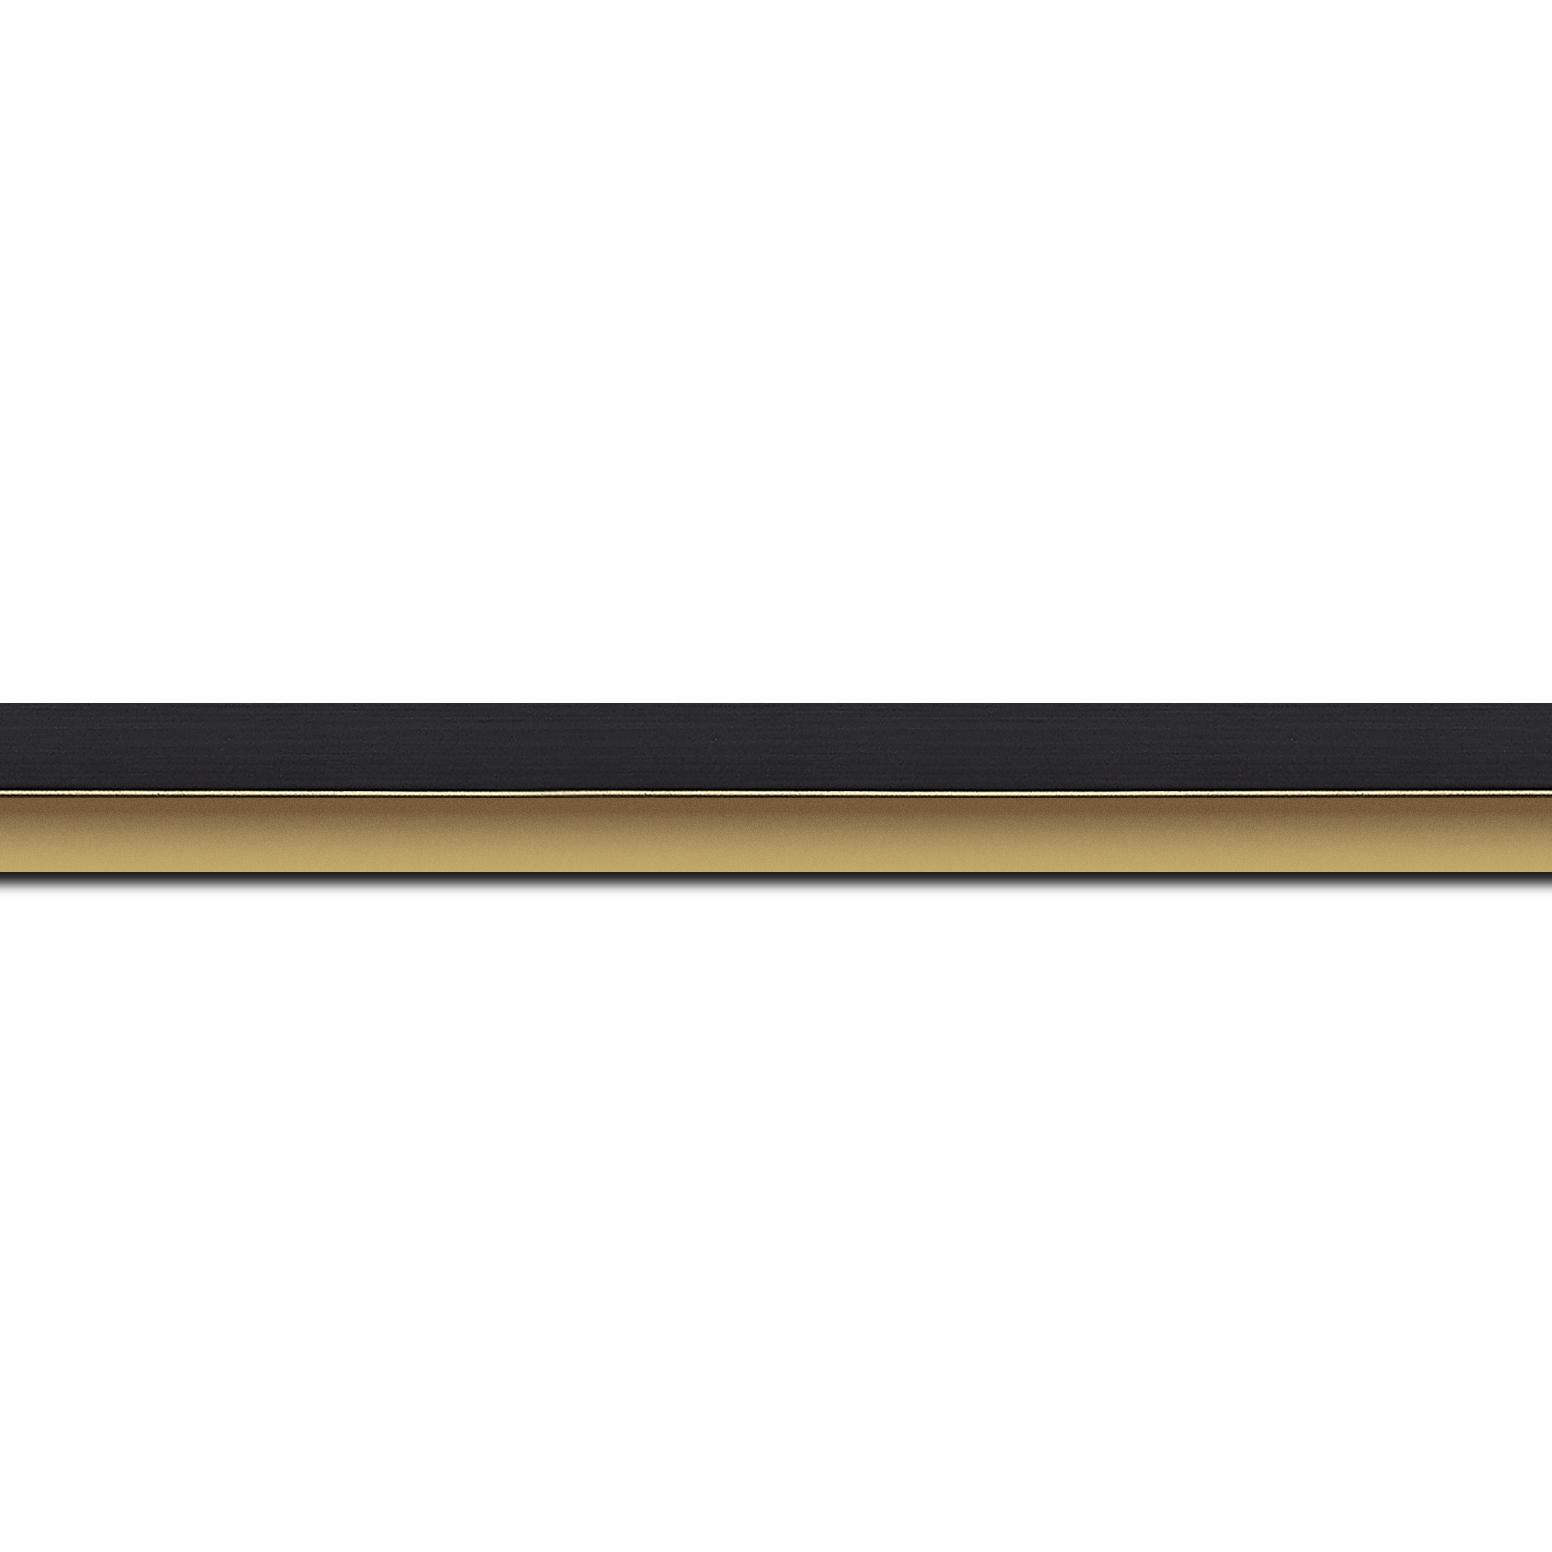 Pack par 12m, bois profil plat largeur 1.6cm couleur noir mat finition pore bouché filet or mat en retrait de la face du cadre de 6mm assurant un effet très original (longueur baguette pouvant varier entre 2.40m et 3m selon arrivage des bois)